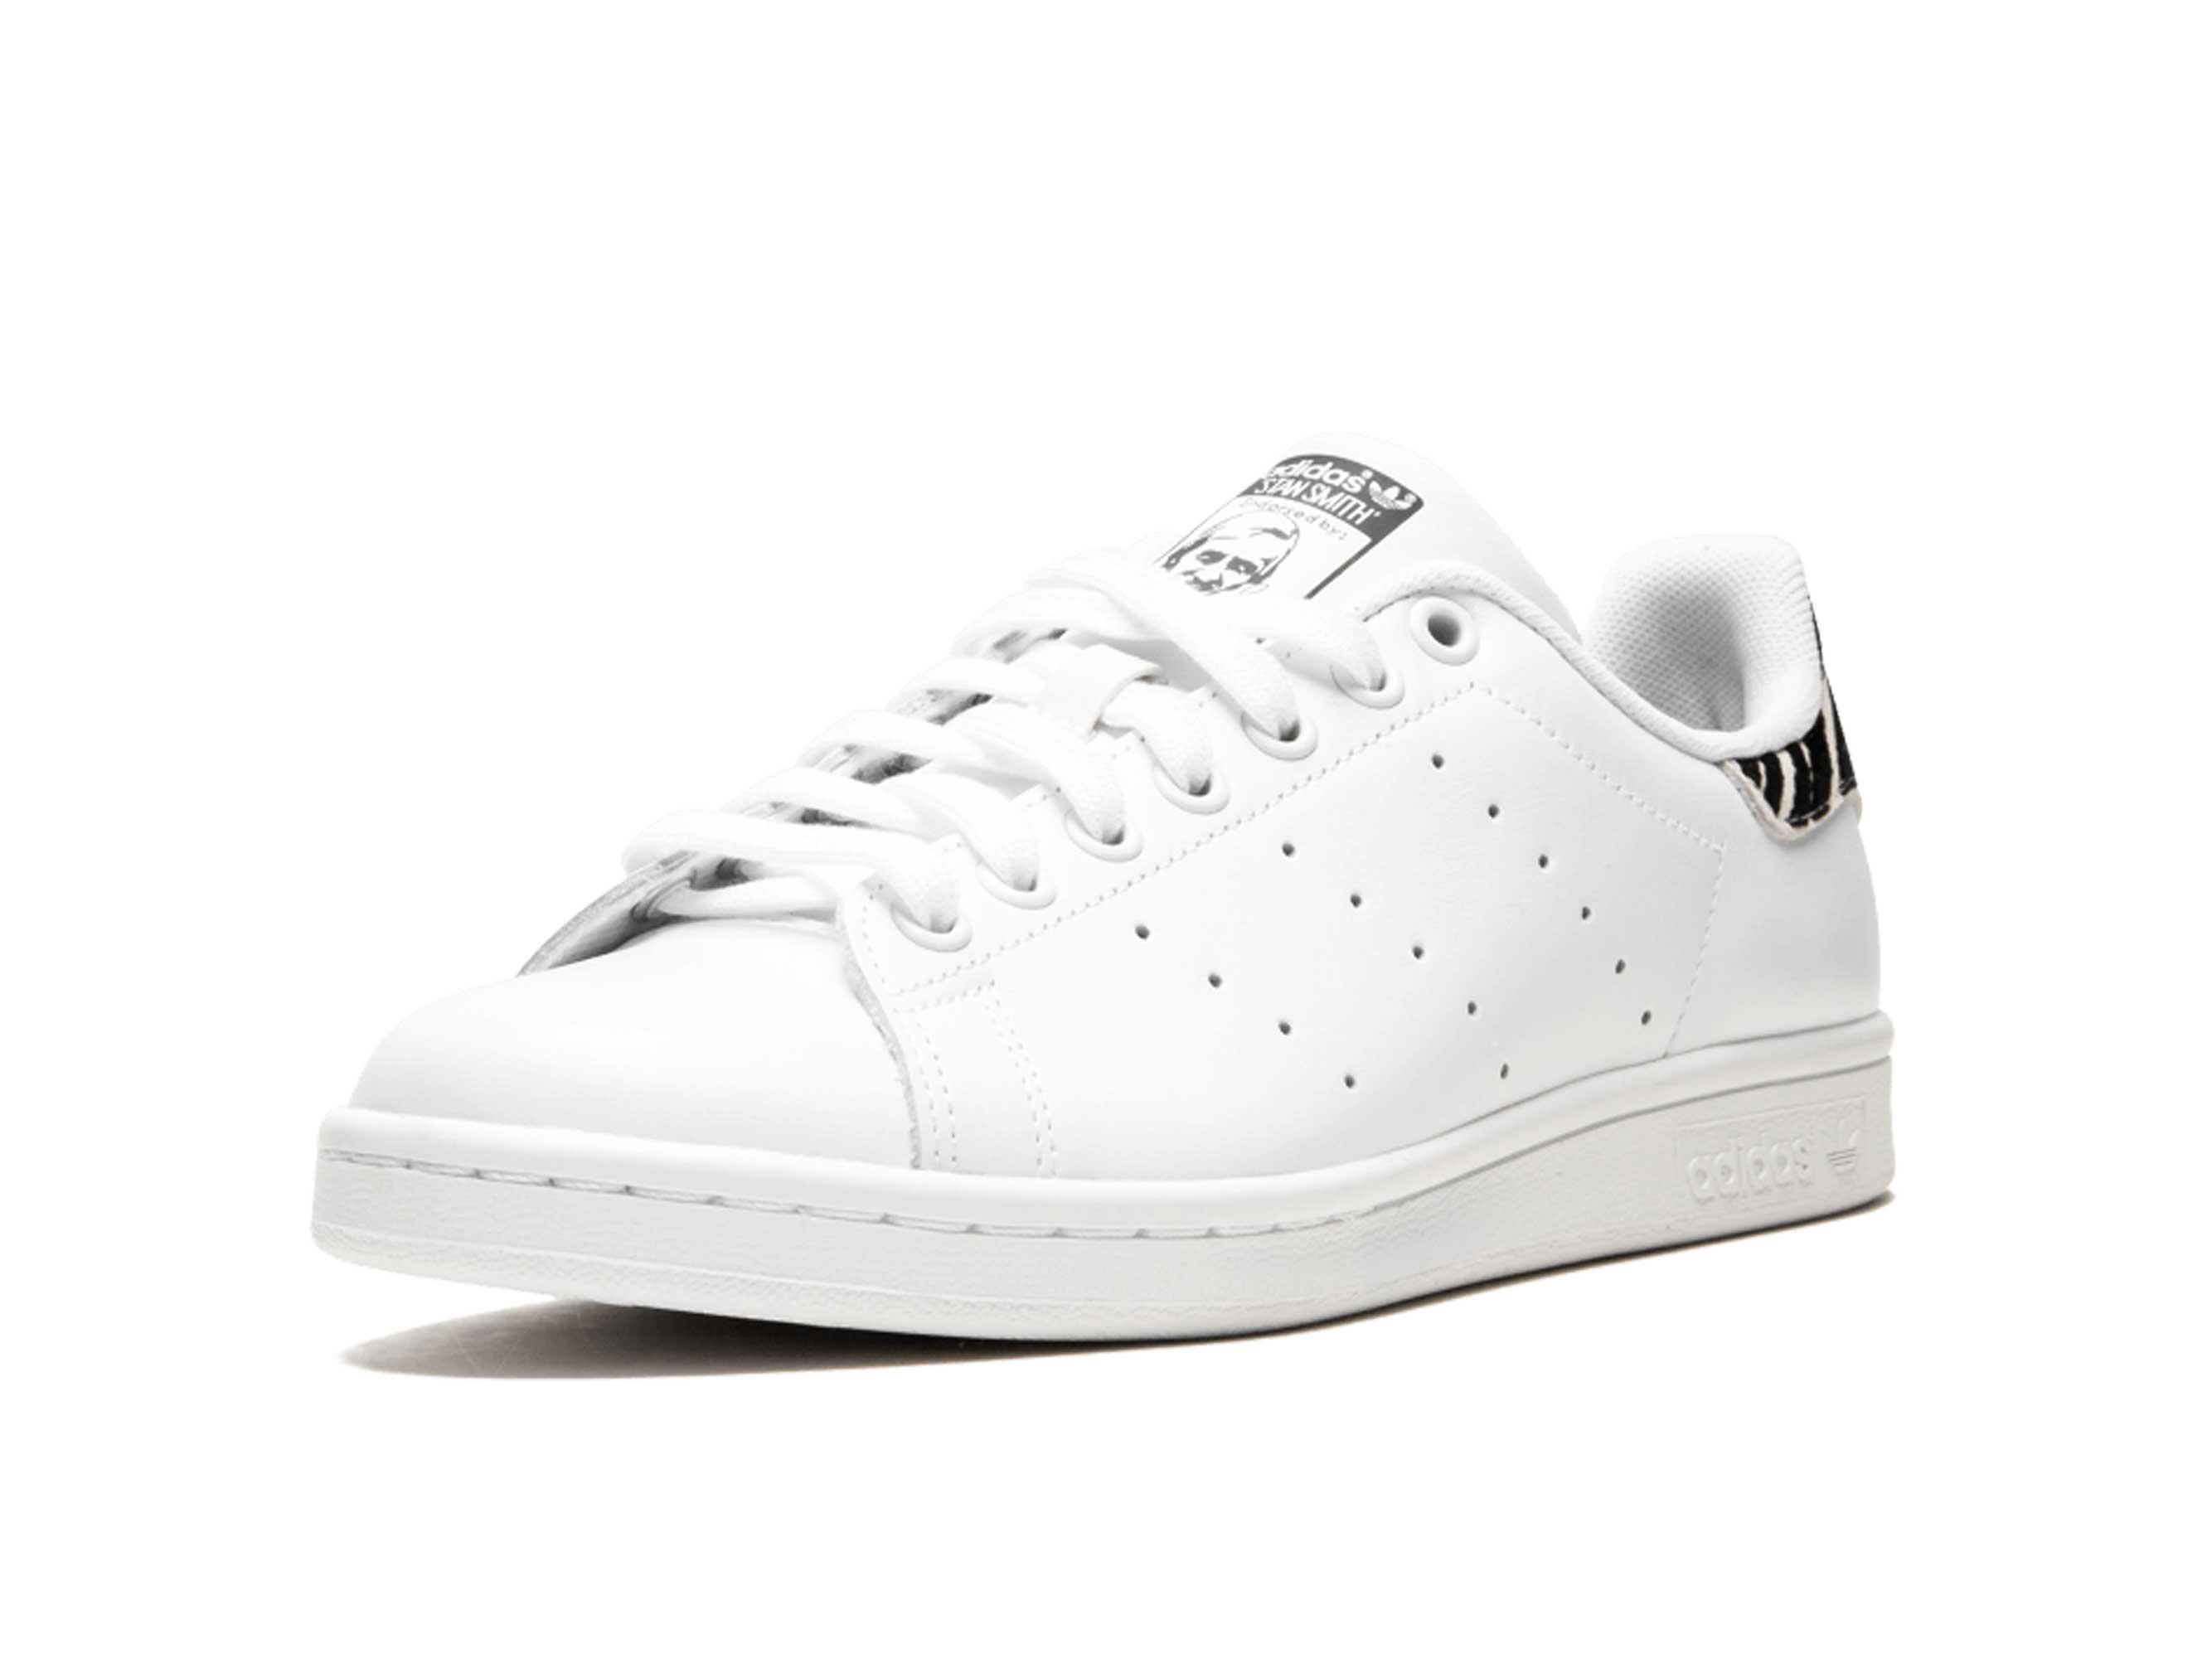 dd0171b4bc6a adidas stan smith leather white zebra ⋆ adidas интернет магазин